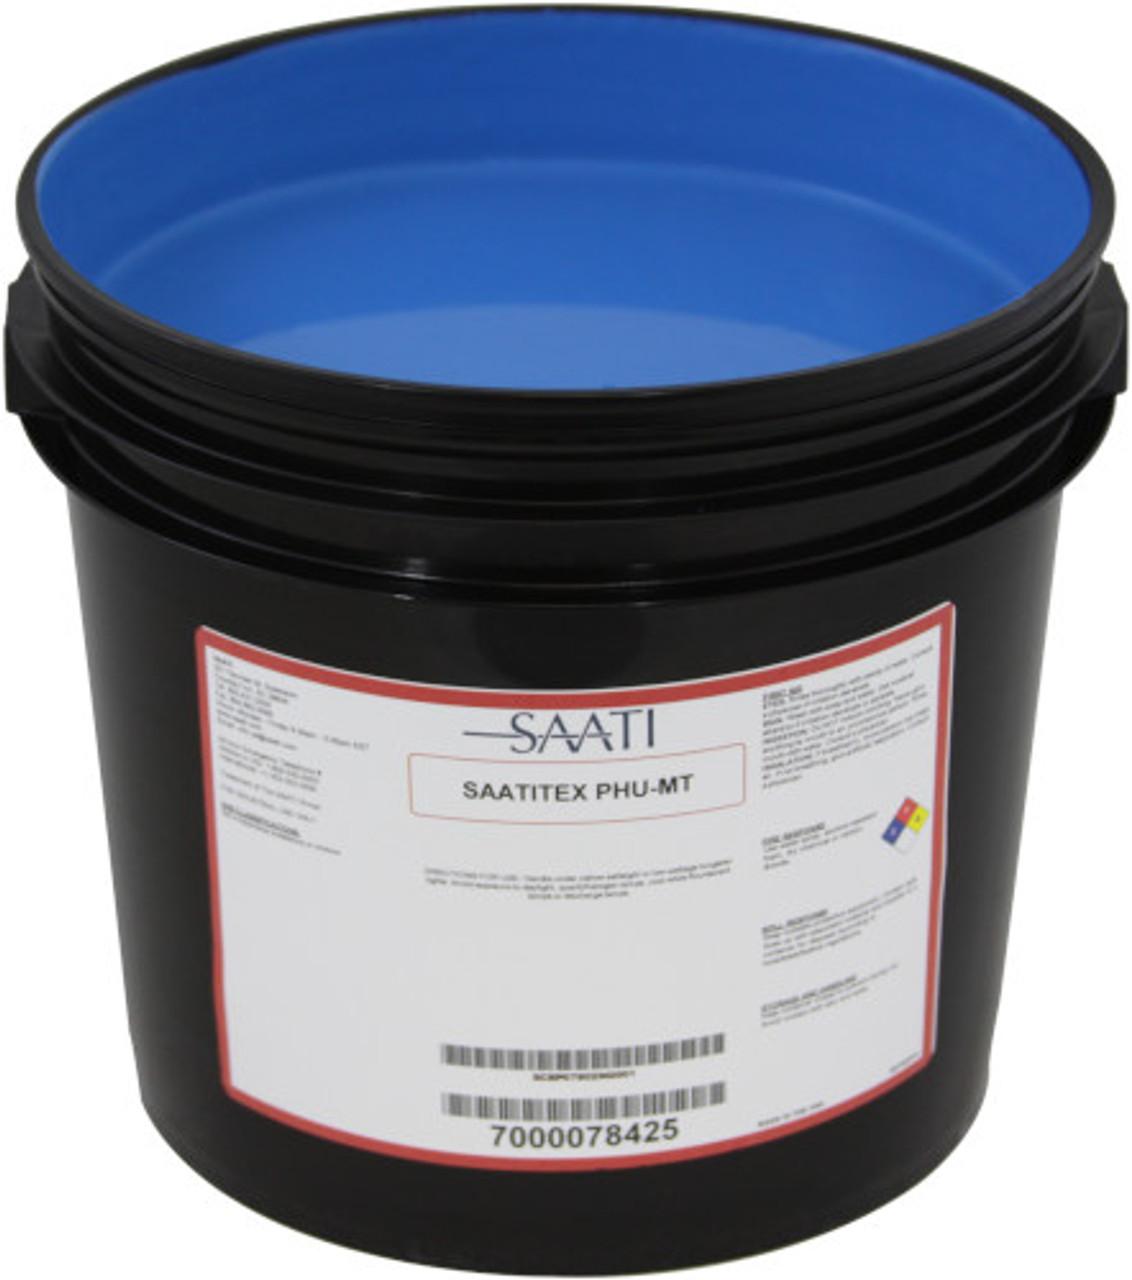 Saati SAATItex PHU-MT Emulsion, Quart